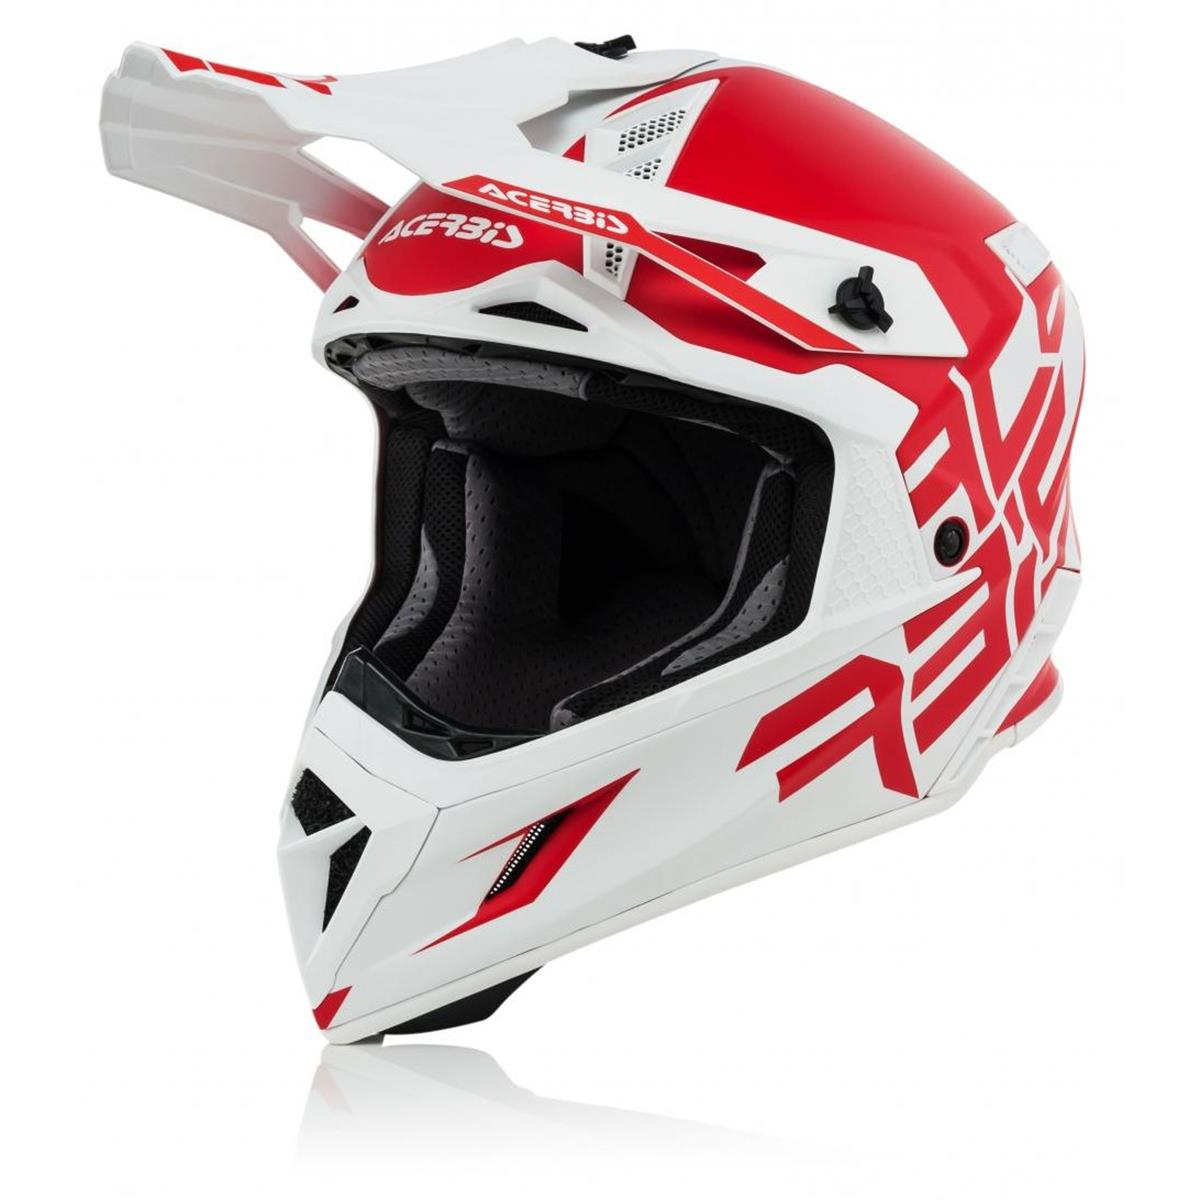 Acerbis Helm X Pro VTR Rot/Weiß